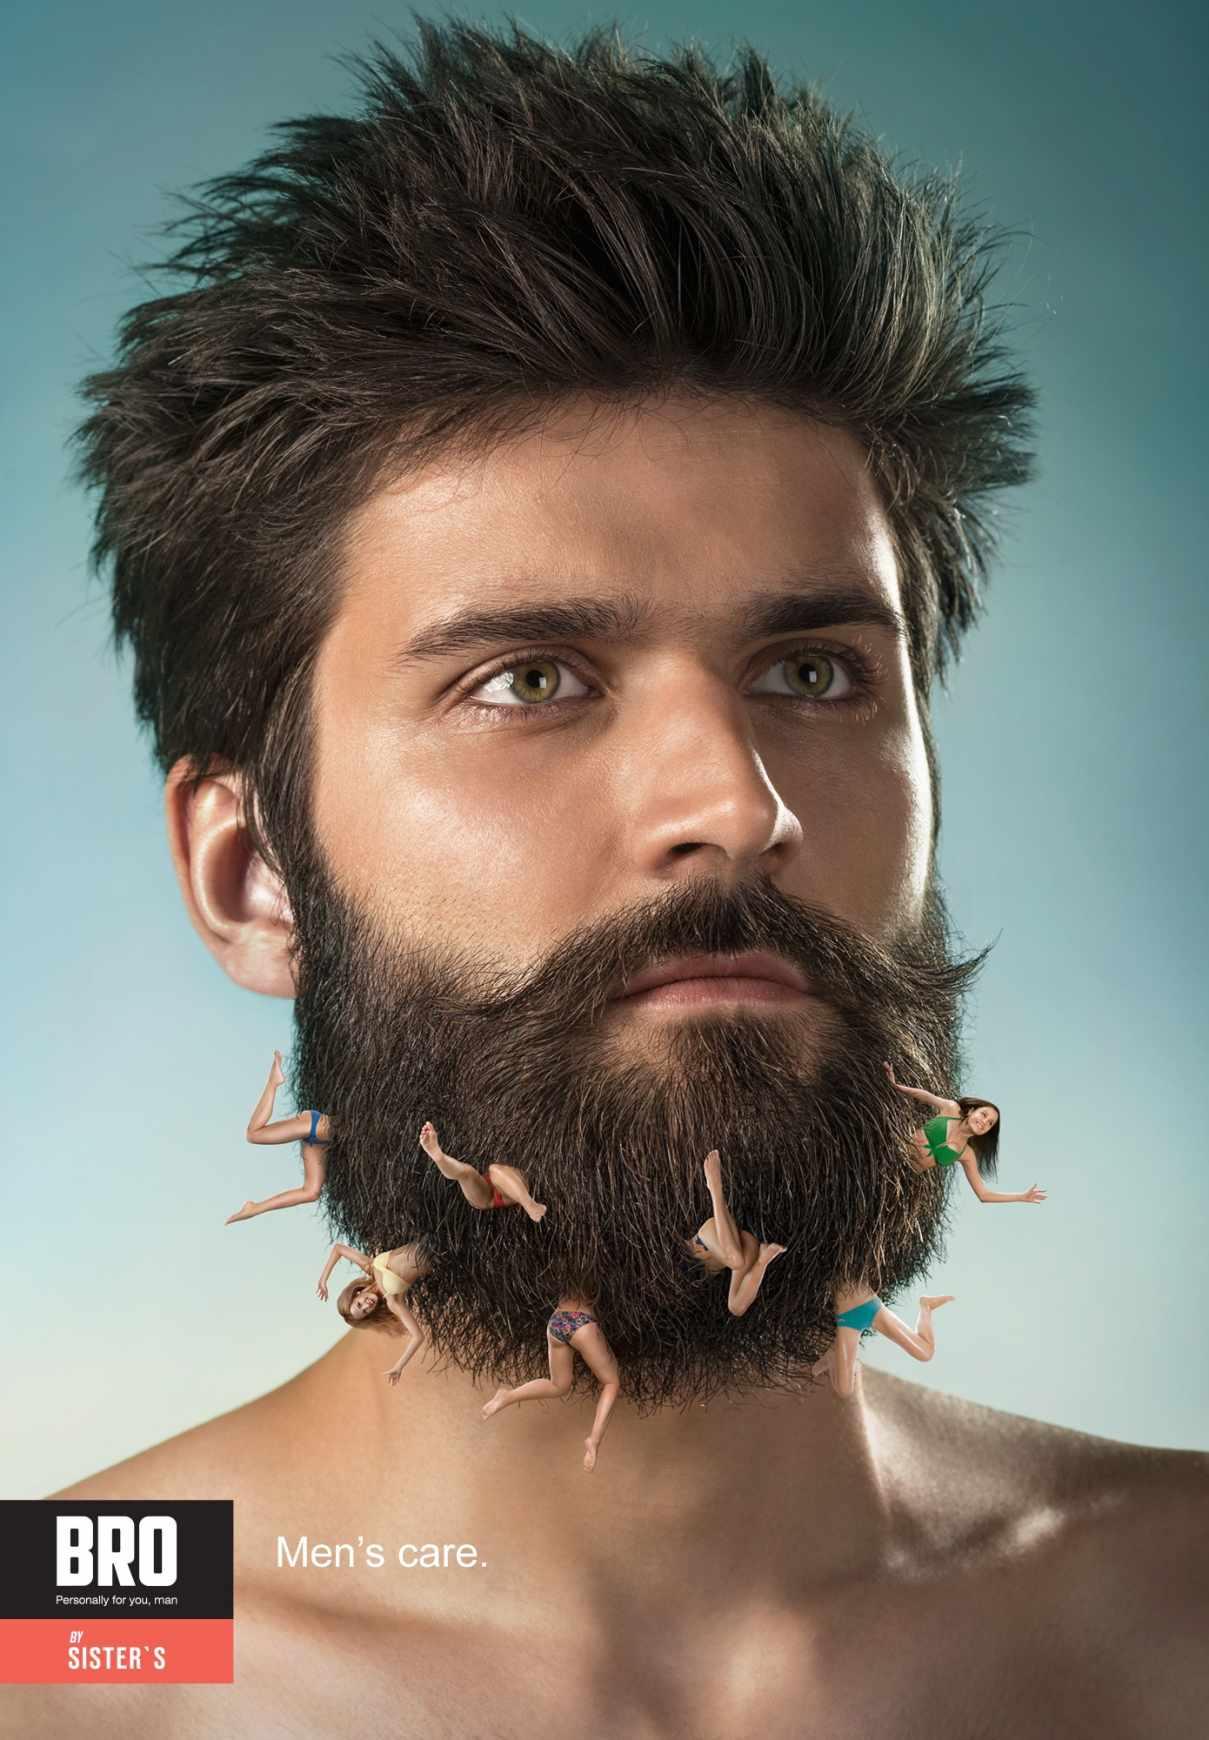 男士护肤品平面广告创意设计图片